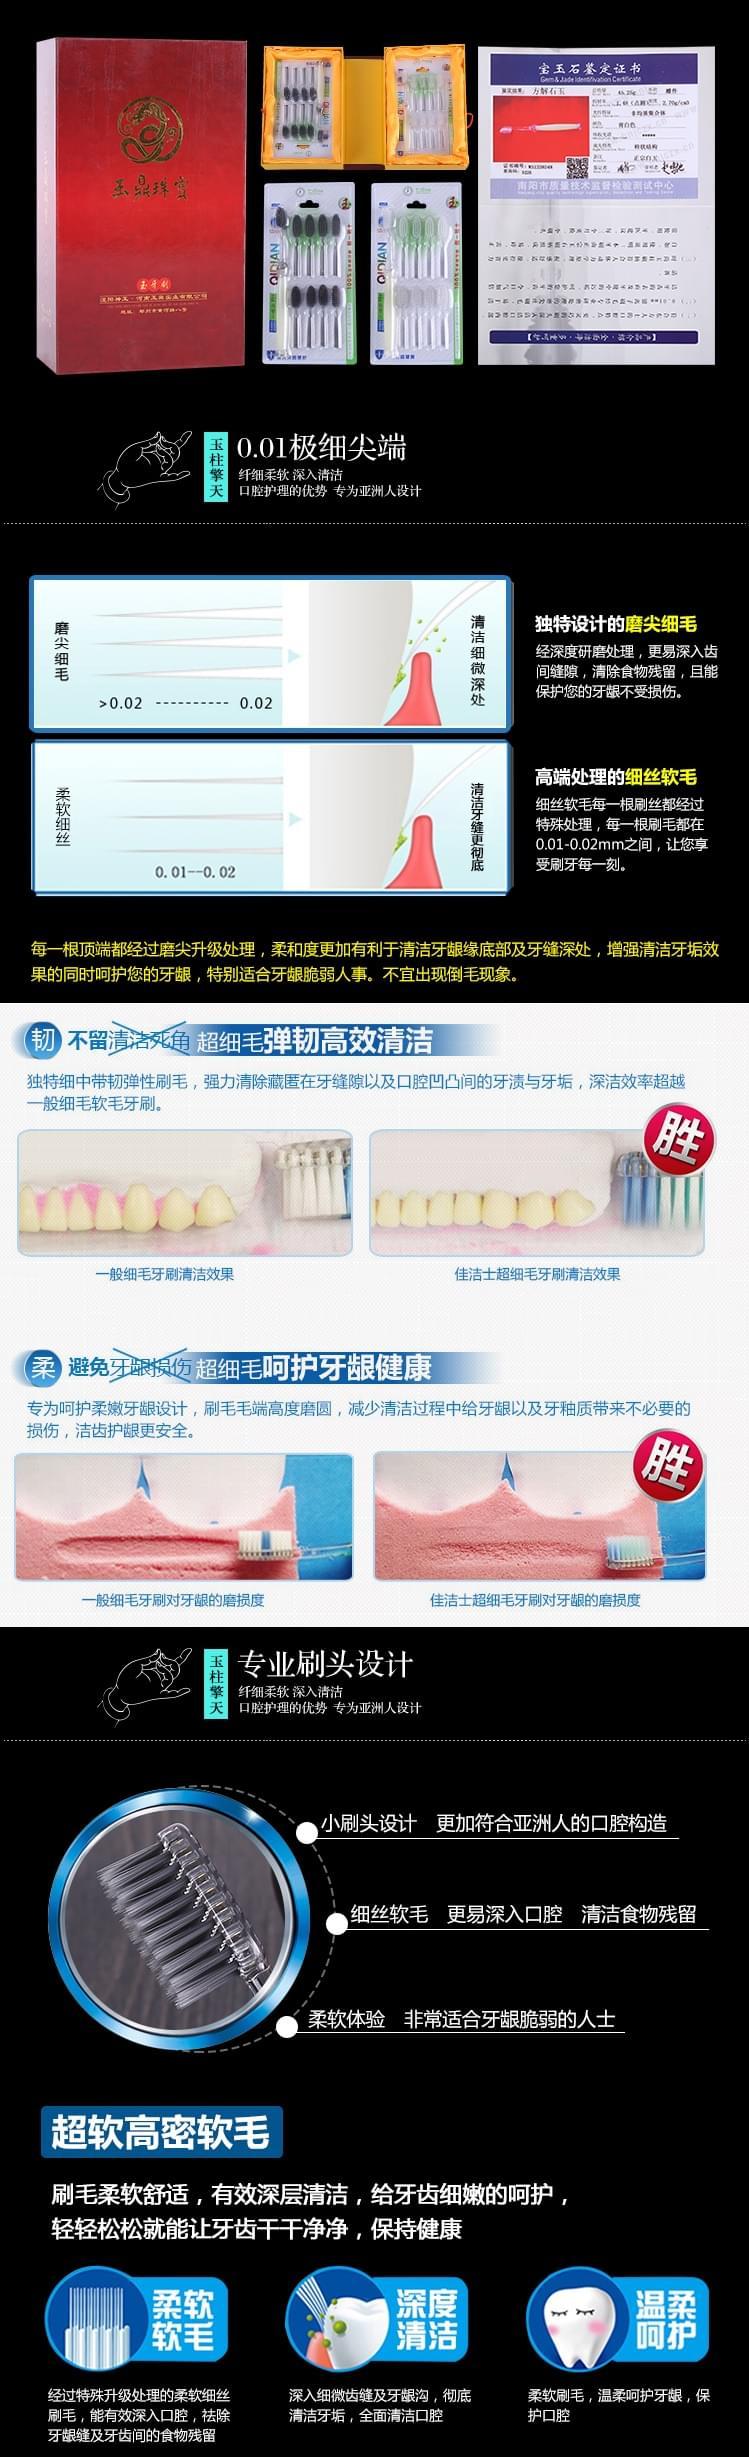 牙刷淘宝详情页设计3